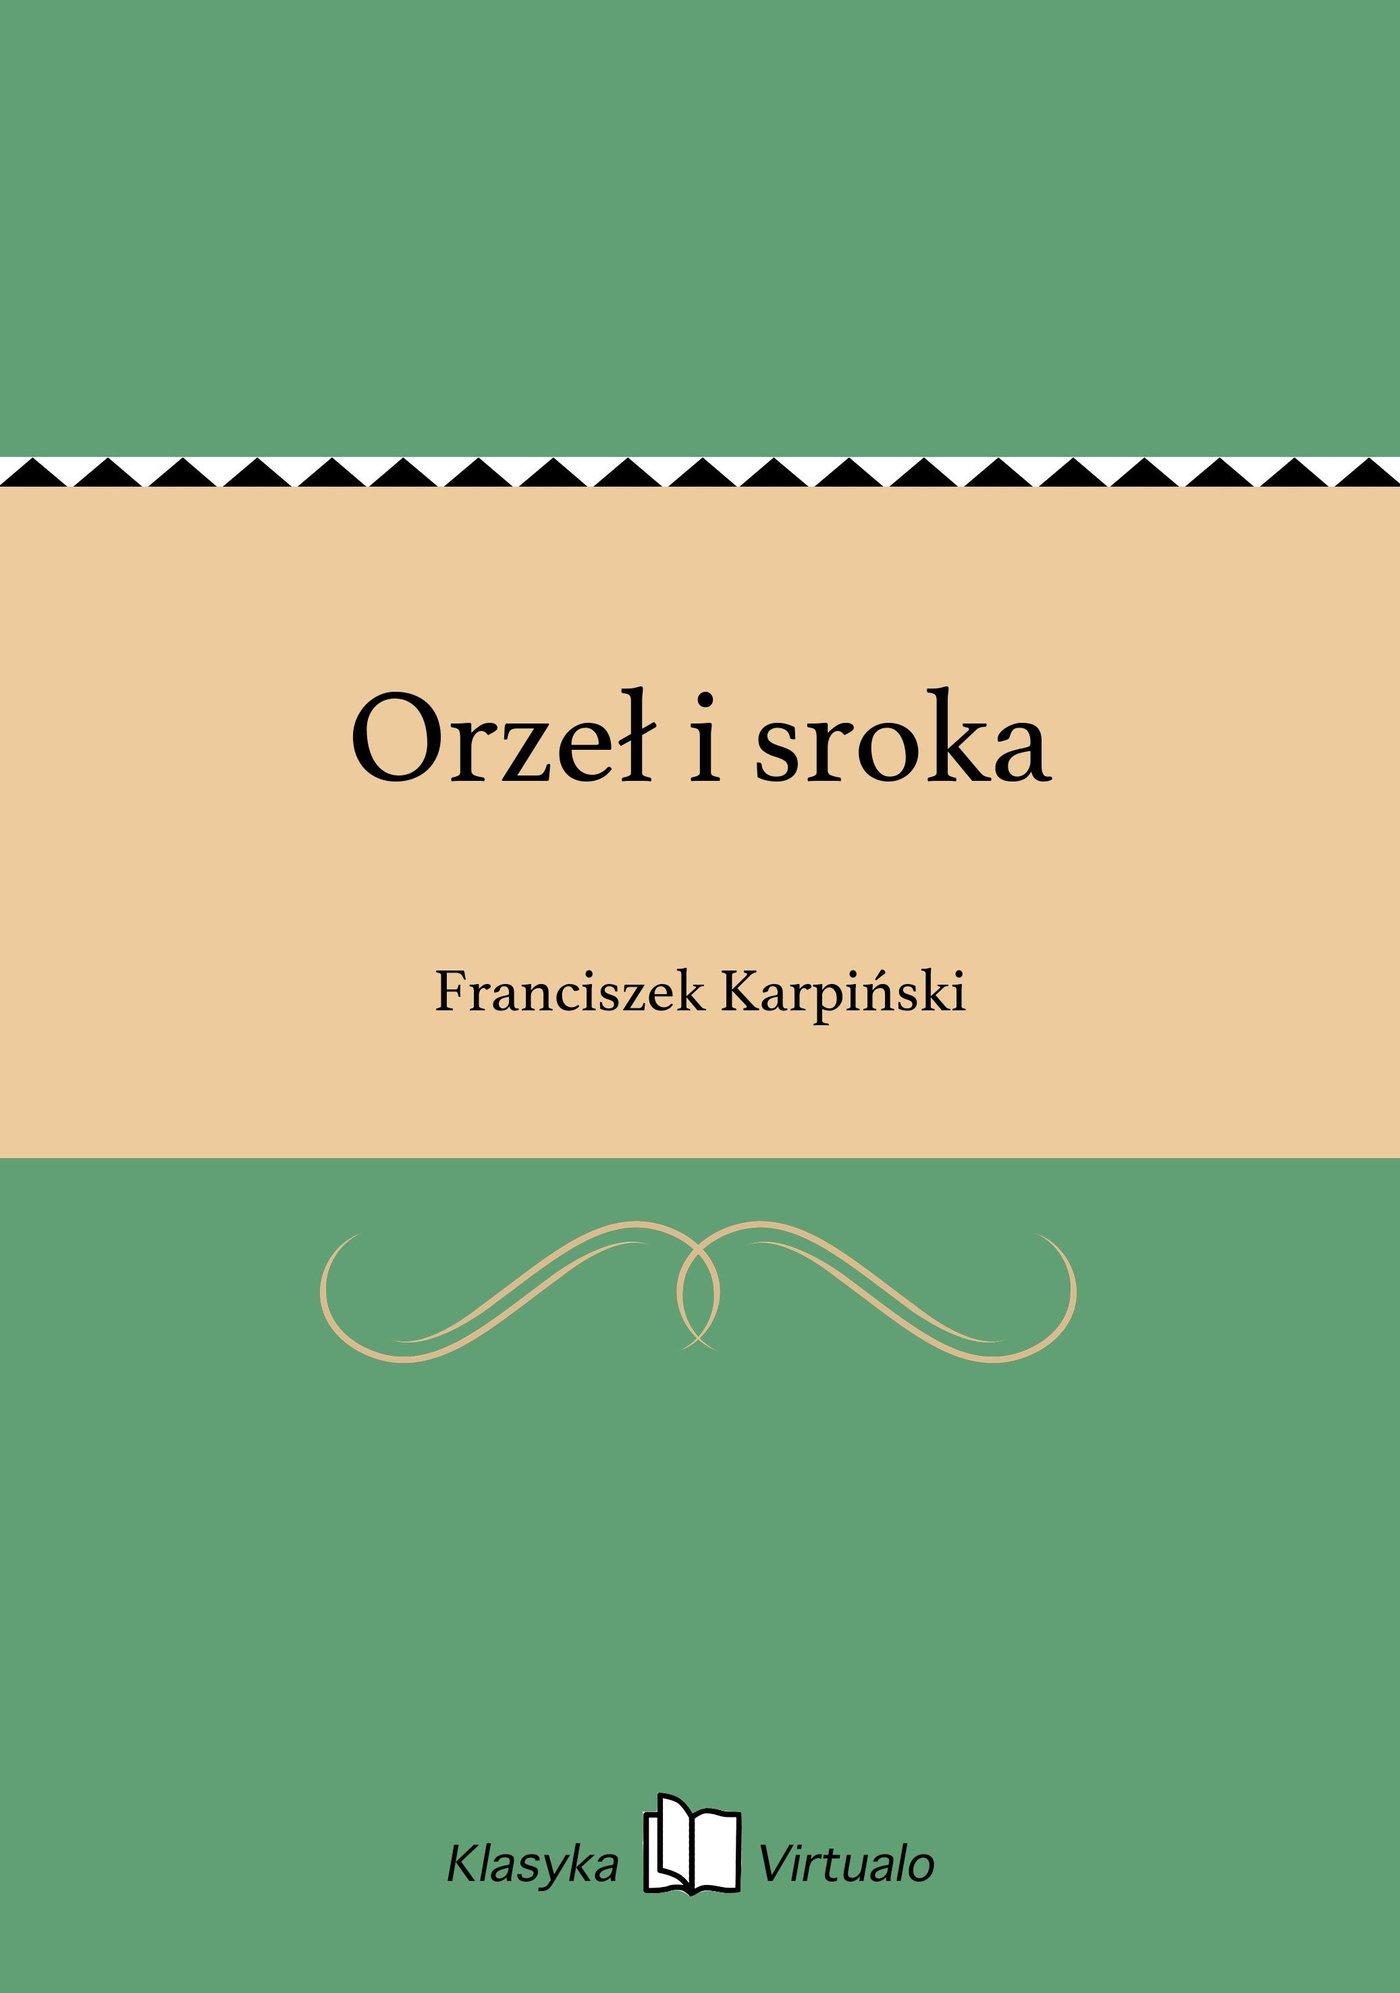 Orzeł i sroka - Ebook (Książka EPUB) do pobrania w formacie EPUB